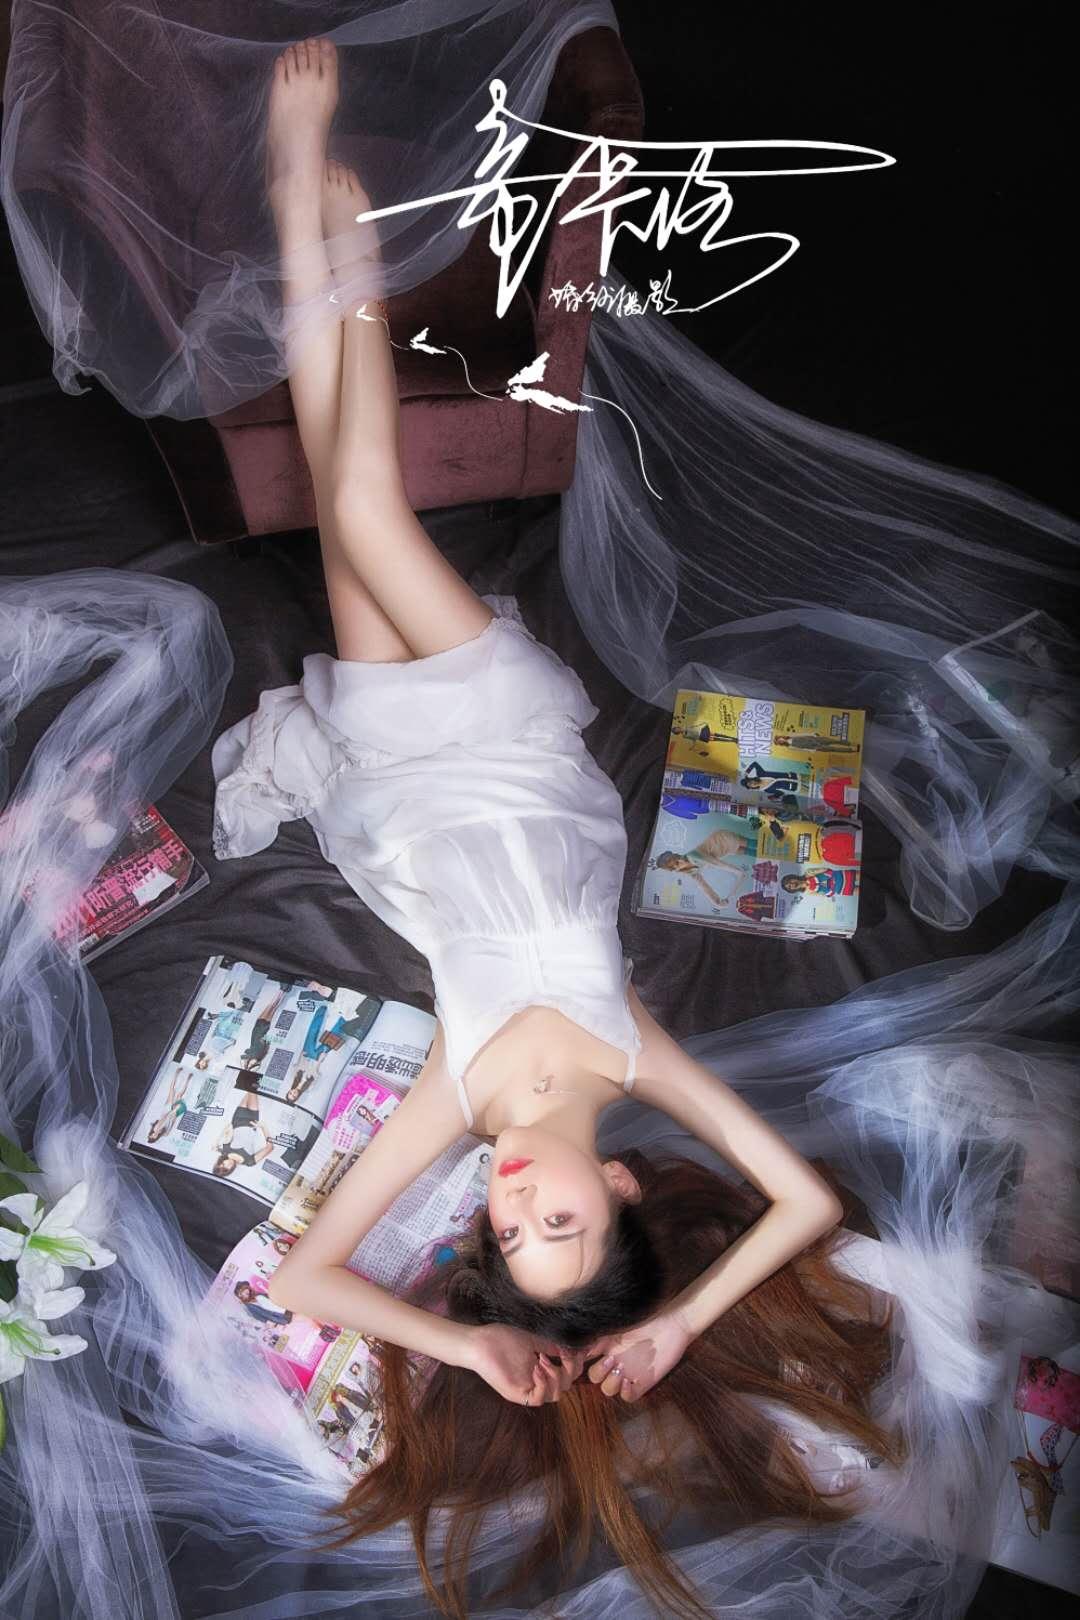 烟雨小美女写真鉴赏